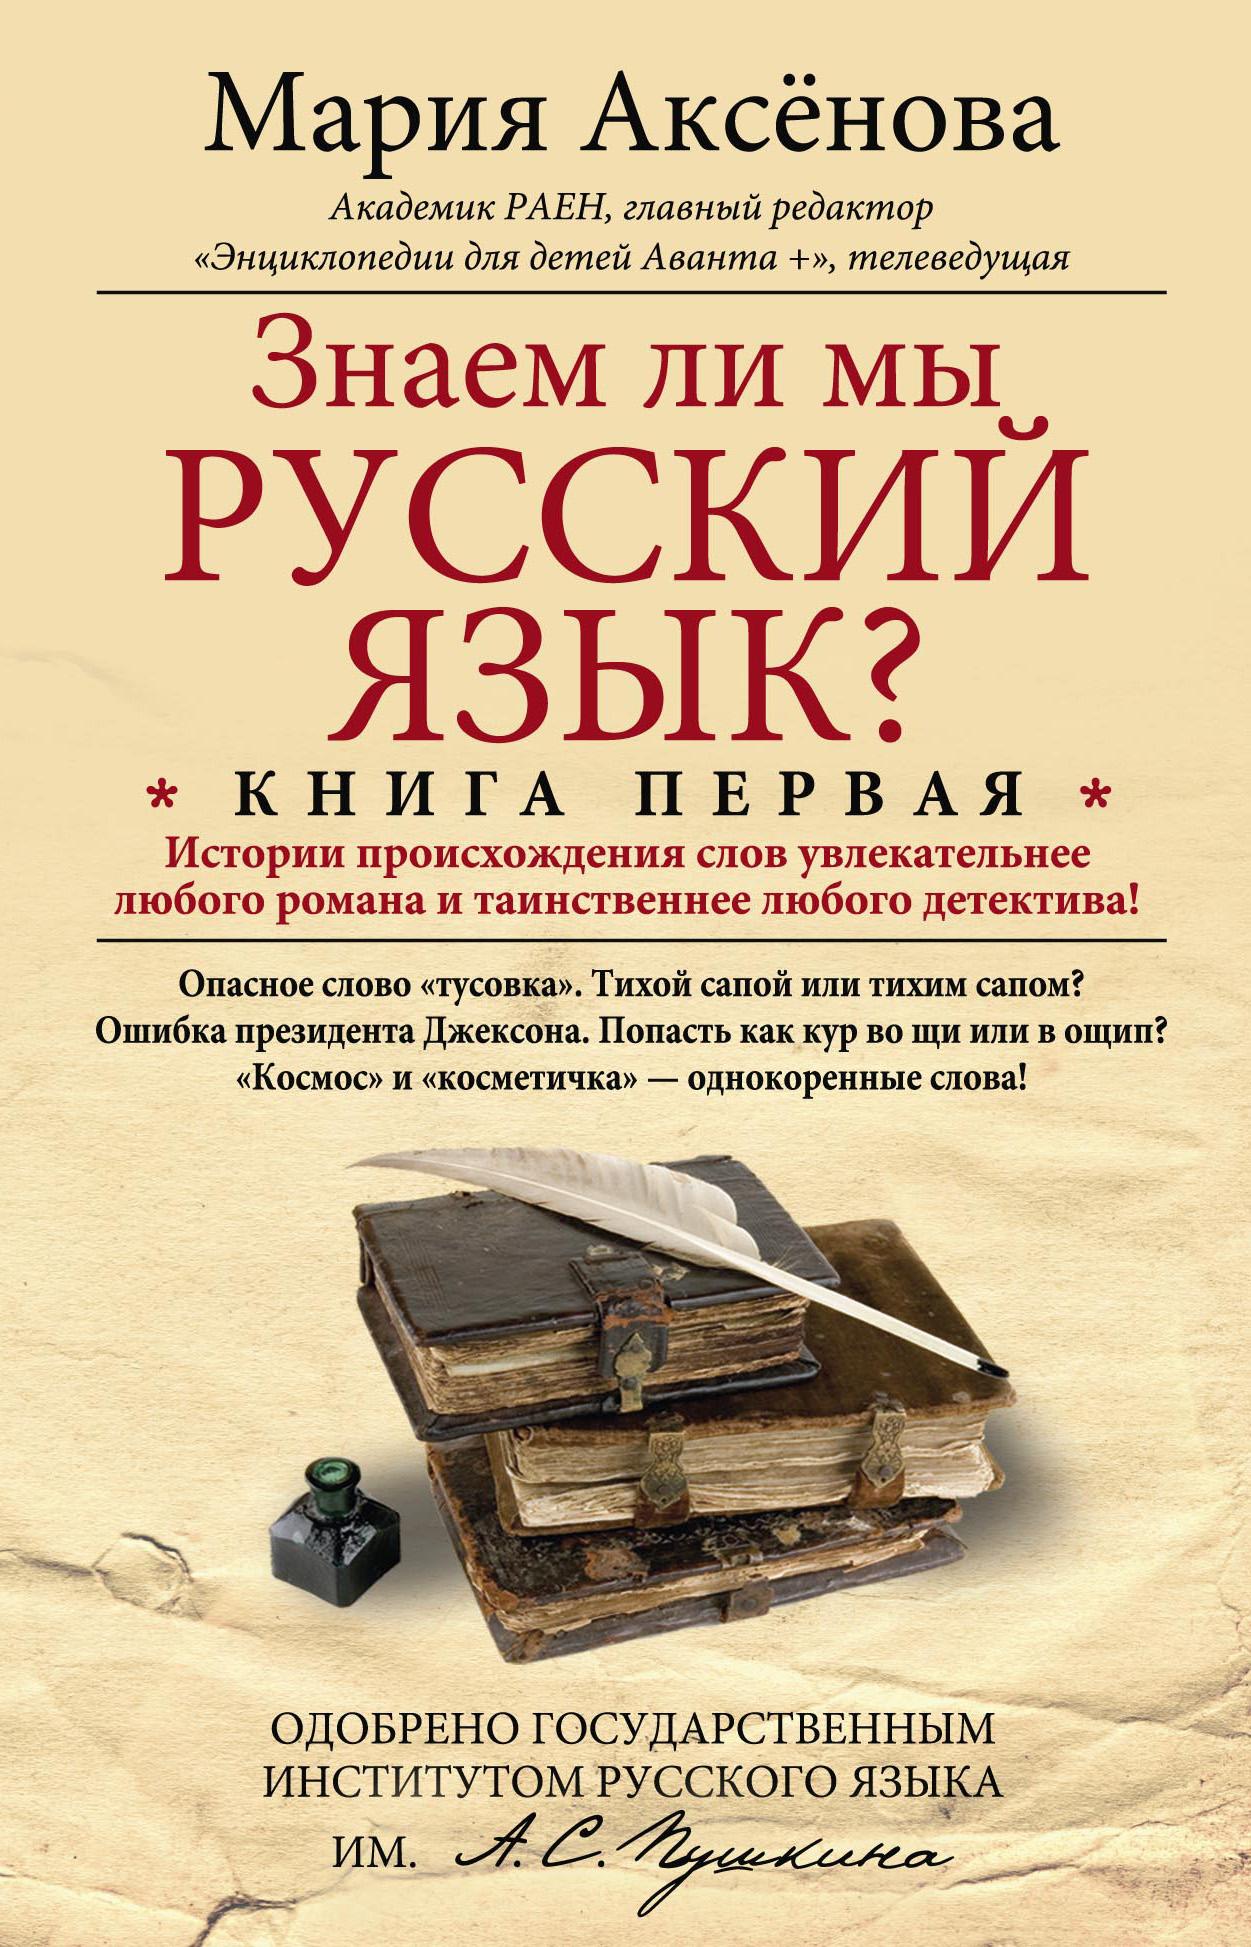 Скачать ebay для android на русском бесплатно.